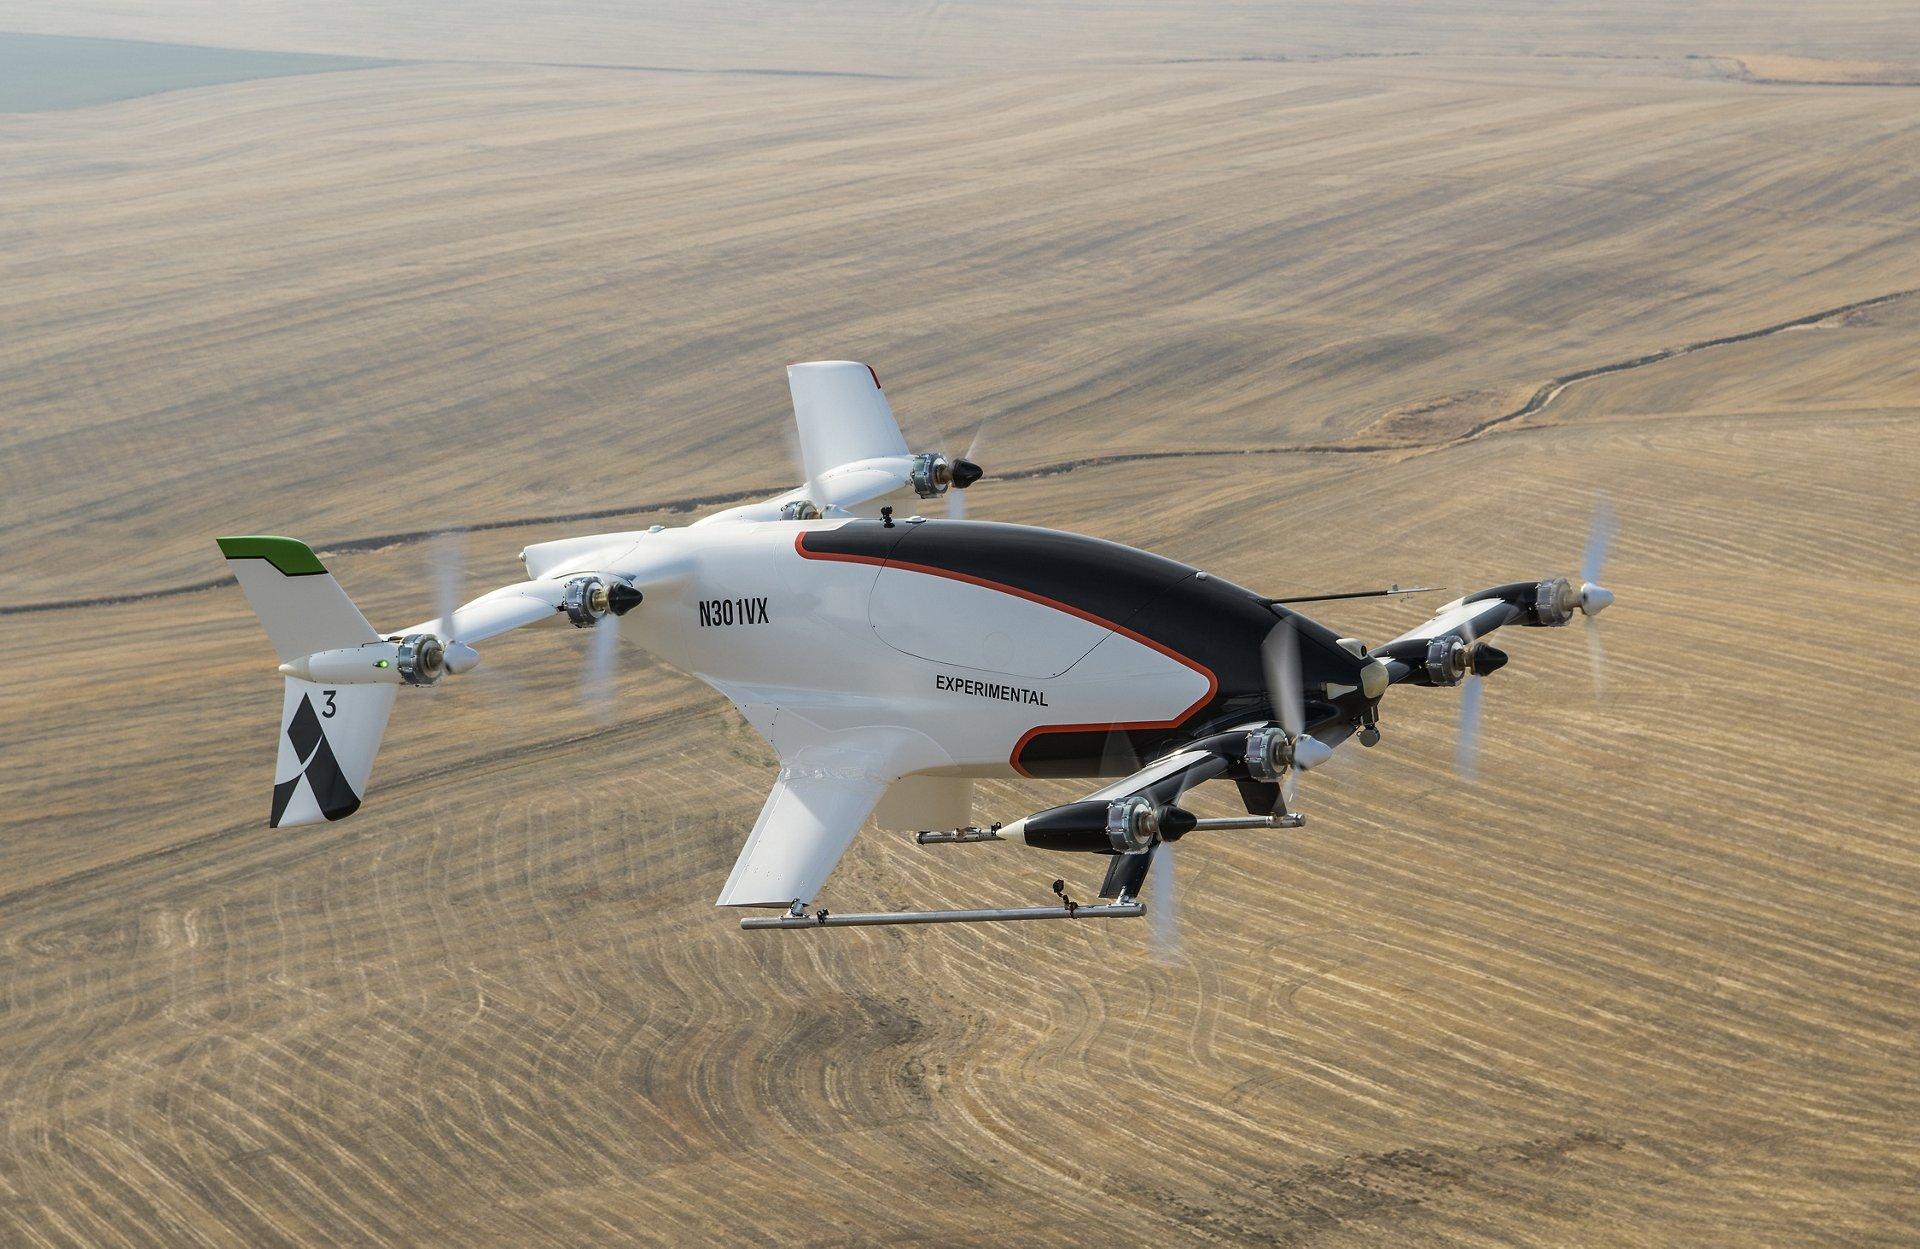 Airbus' experimental eVTOL the Vahana. Photo courtesy Airbus.